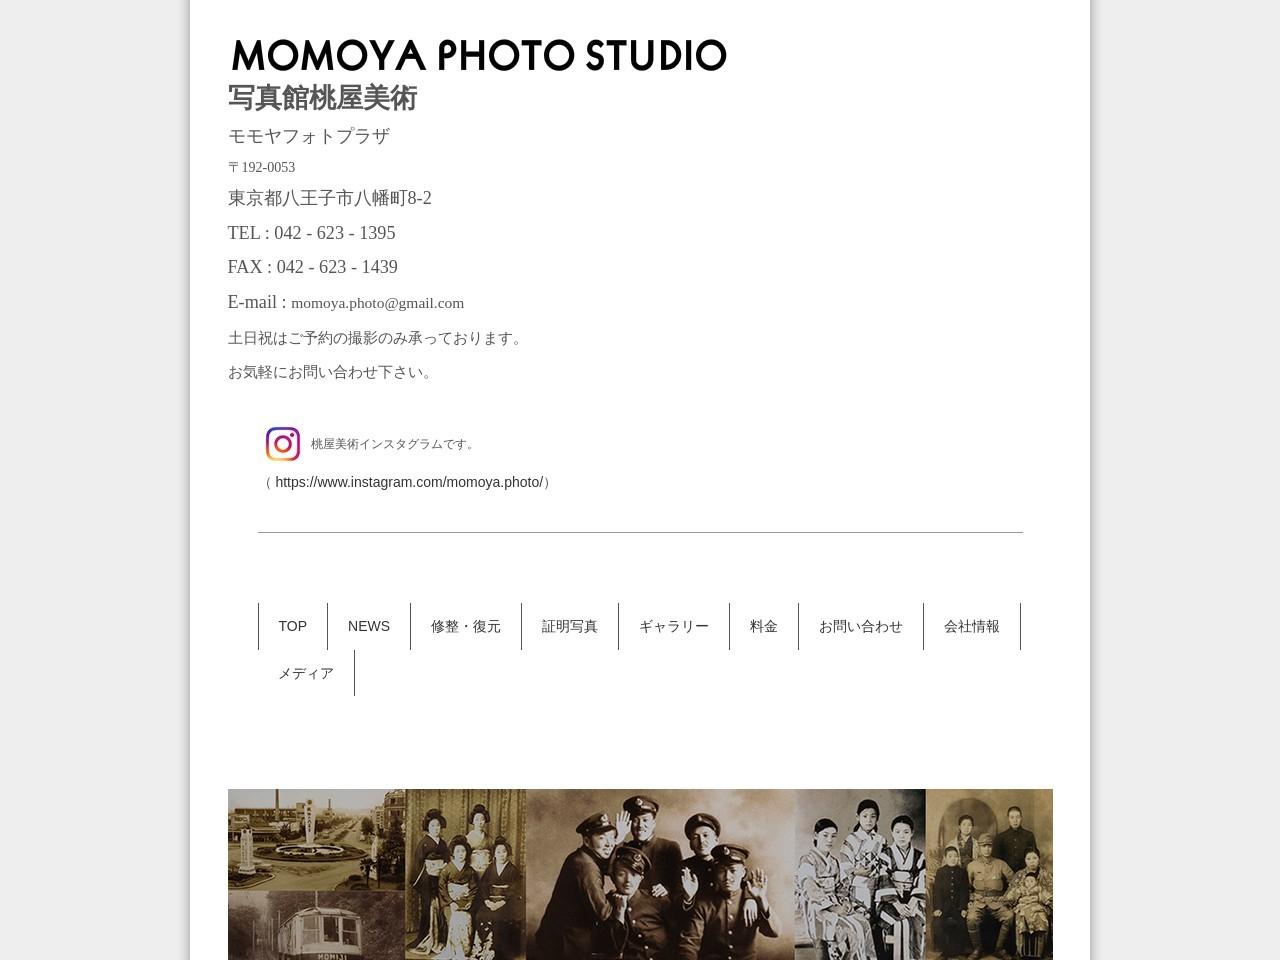 モモヤフォトスタジオ